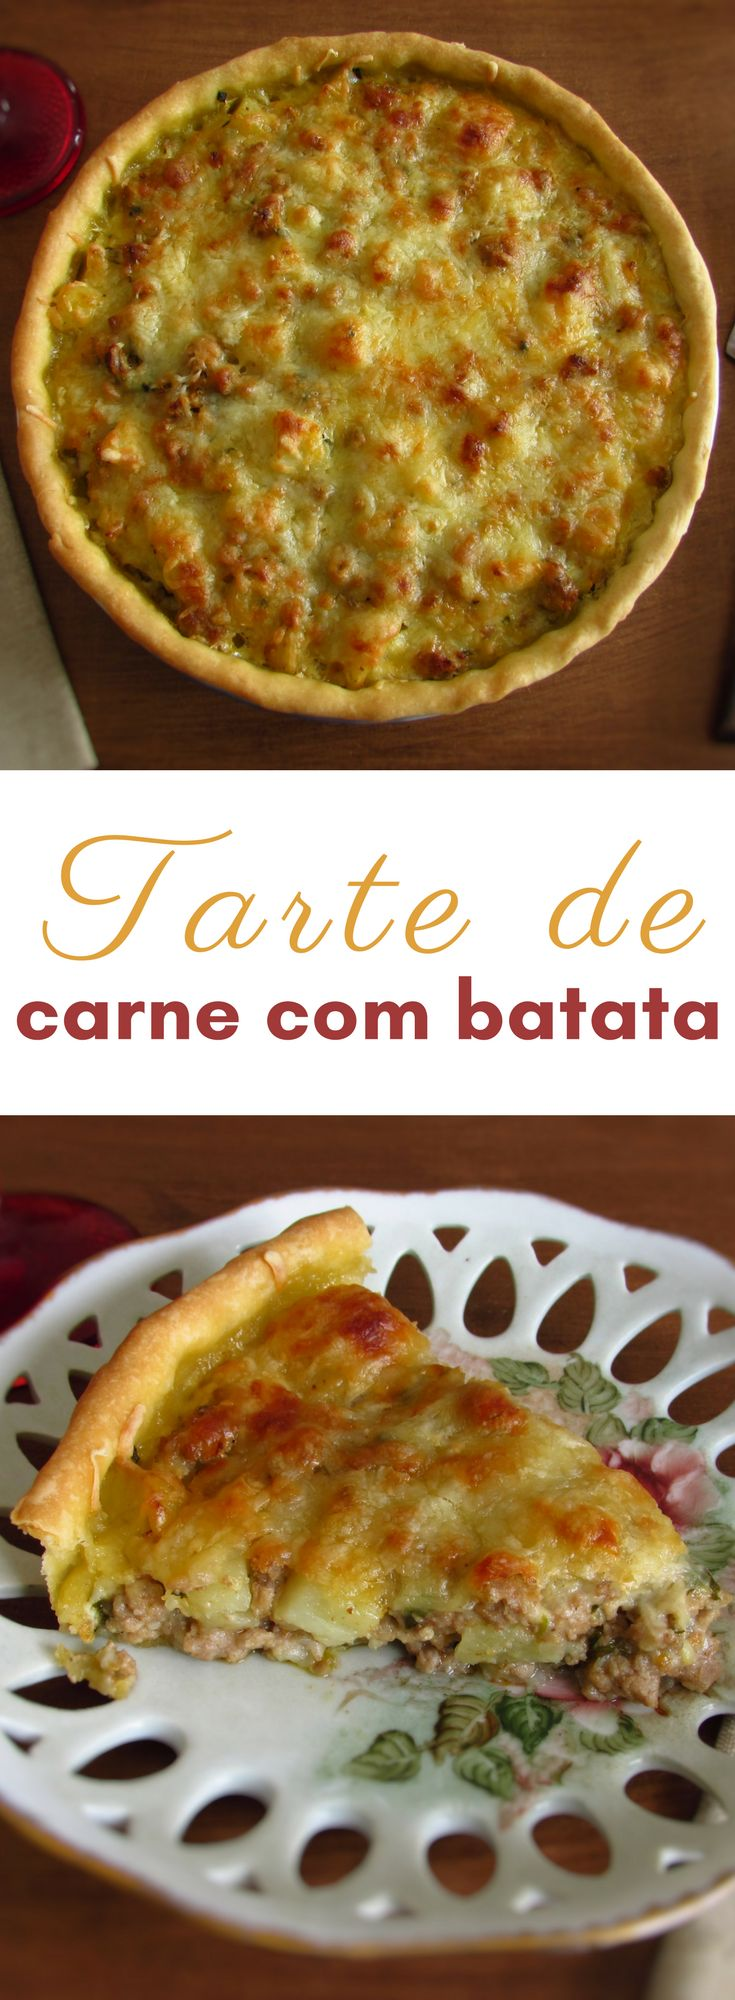 Tarte de carne com batata | Food From Portugal. Não sabe o que fazer com a carne picada que tem no frigorífico? Prepare esta deliciosa receita de tarte de carne com batata! É simples, muito saborosa e tem excelente apresentação! Bom apetite!!! #receita #tarte #carne